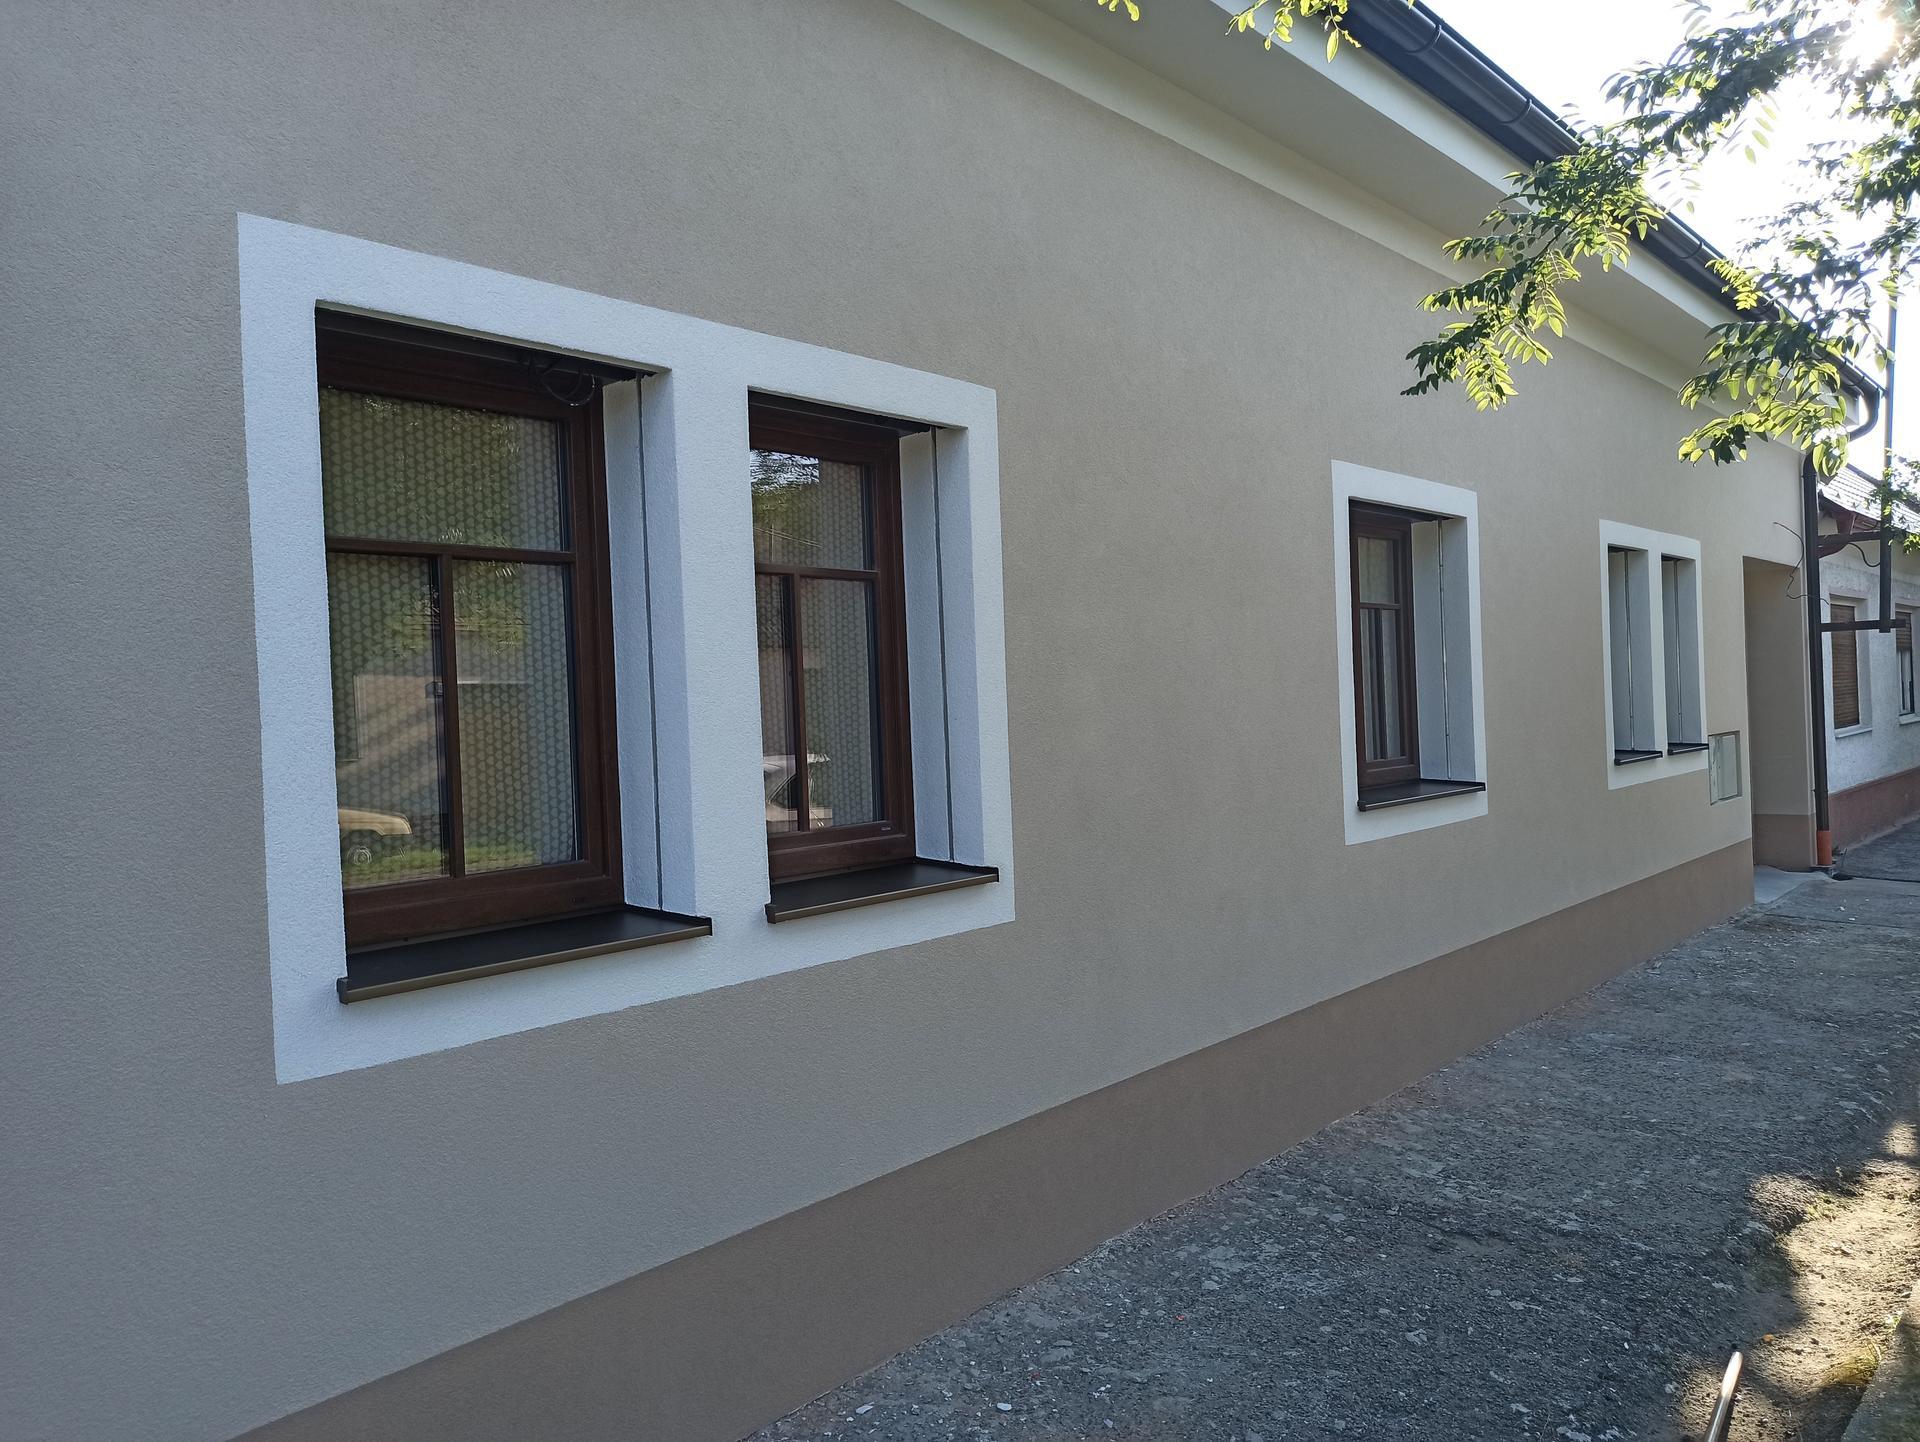 Náš budúci domov - rekonštrukcia rodinného domu - Obrázok č. 556